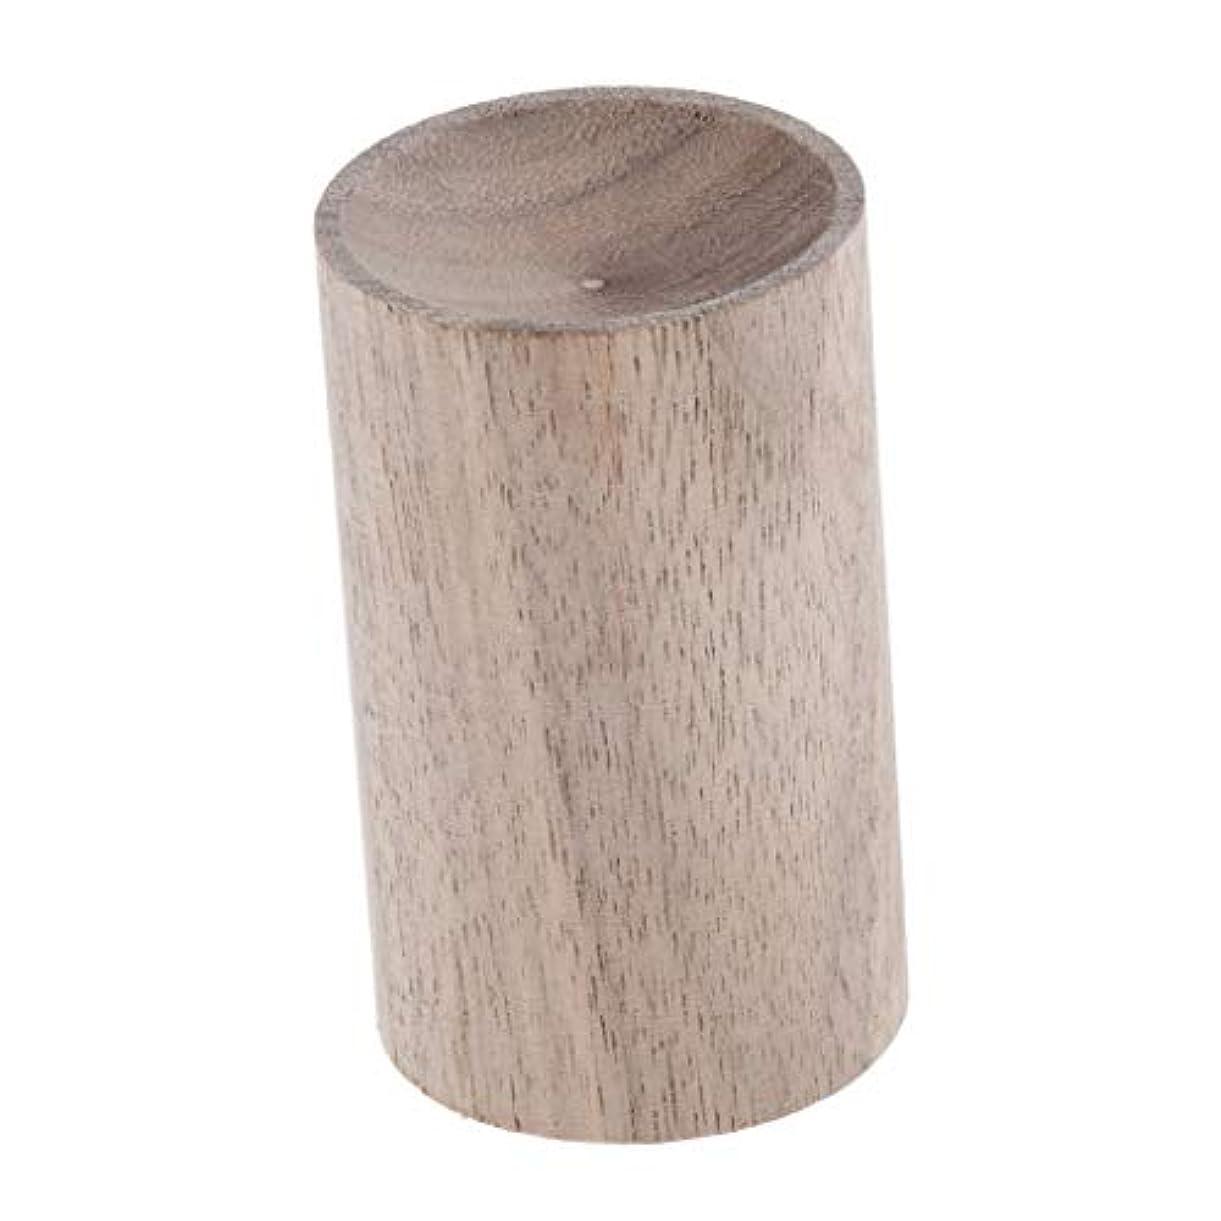 キルスキャプションびんPerfeclan 天然木 エアフレッシュナー エッセンシャルオイル 香水 アロマディフューザー 使いやすい 2種選ぶ - 02, 3.2cm